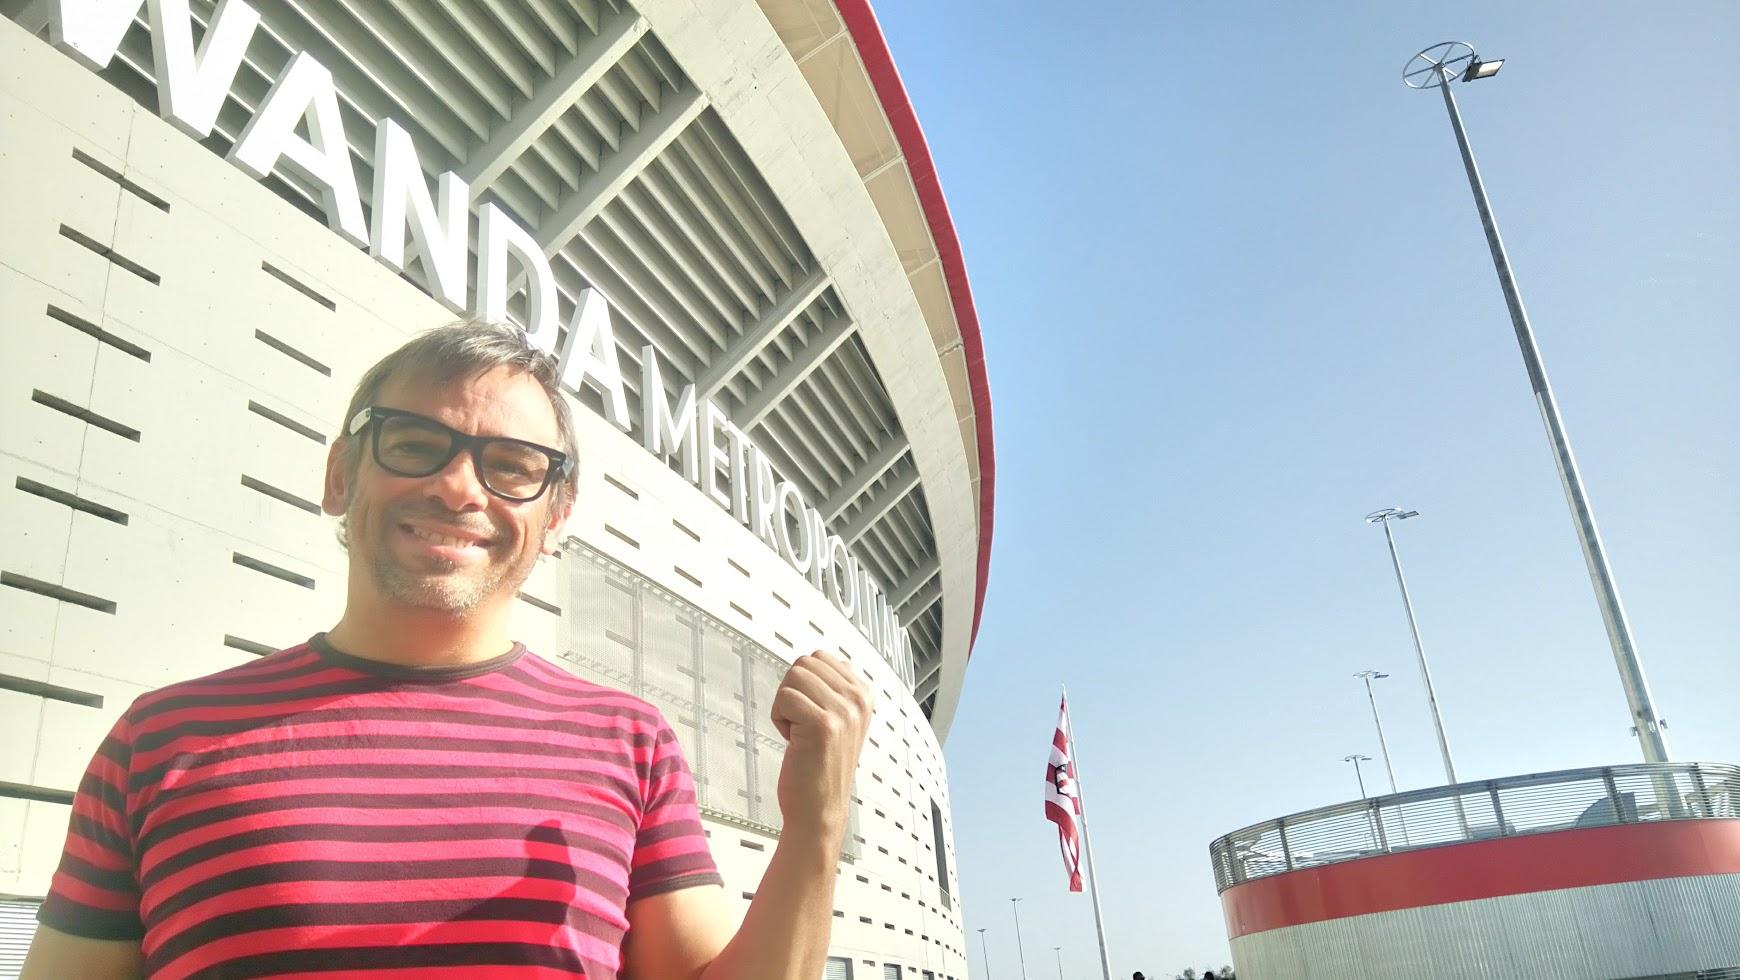 mago madrid magia en el estadio Metropolitano 2017